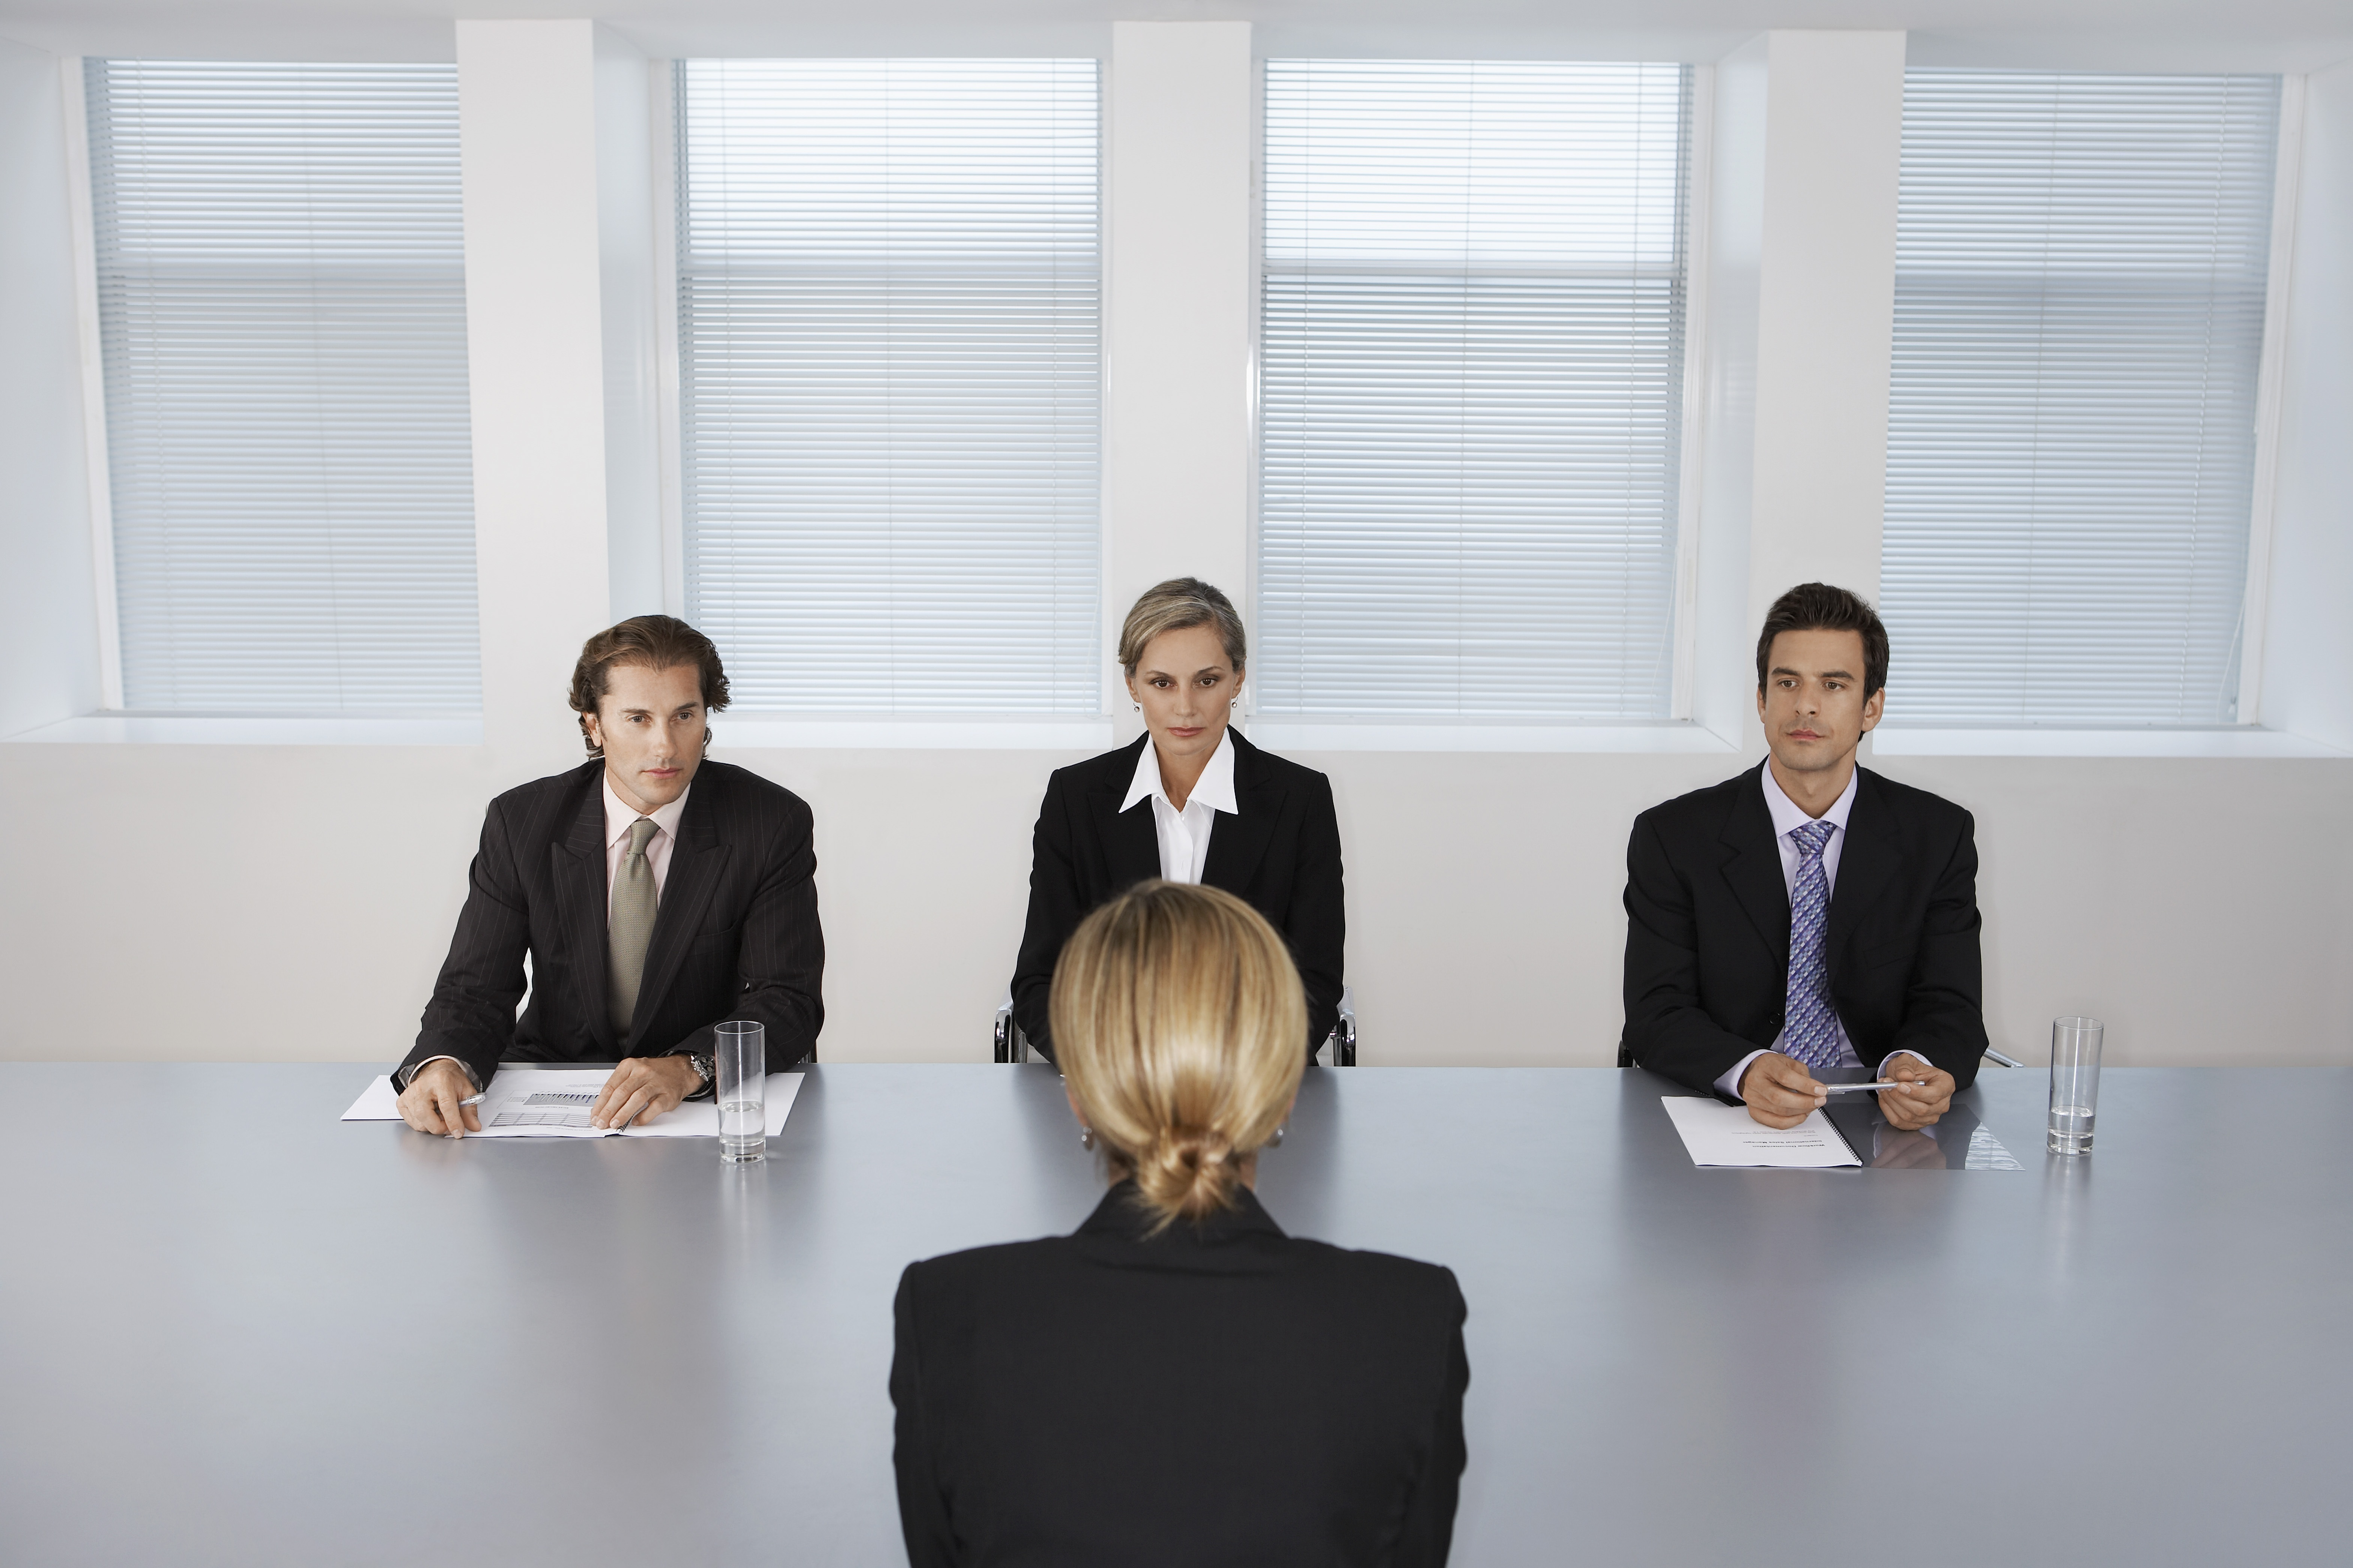 interview scenario recruitment agency now interview scenario